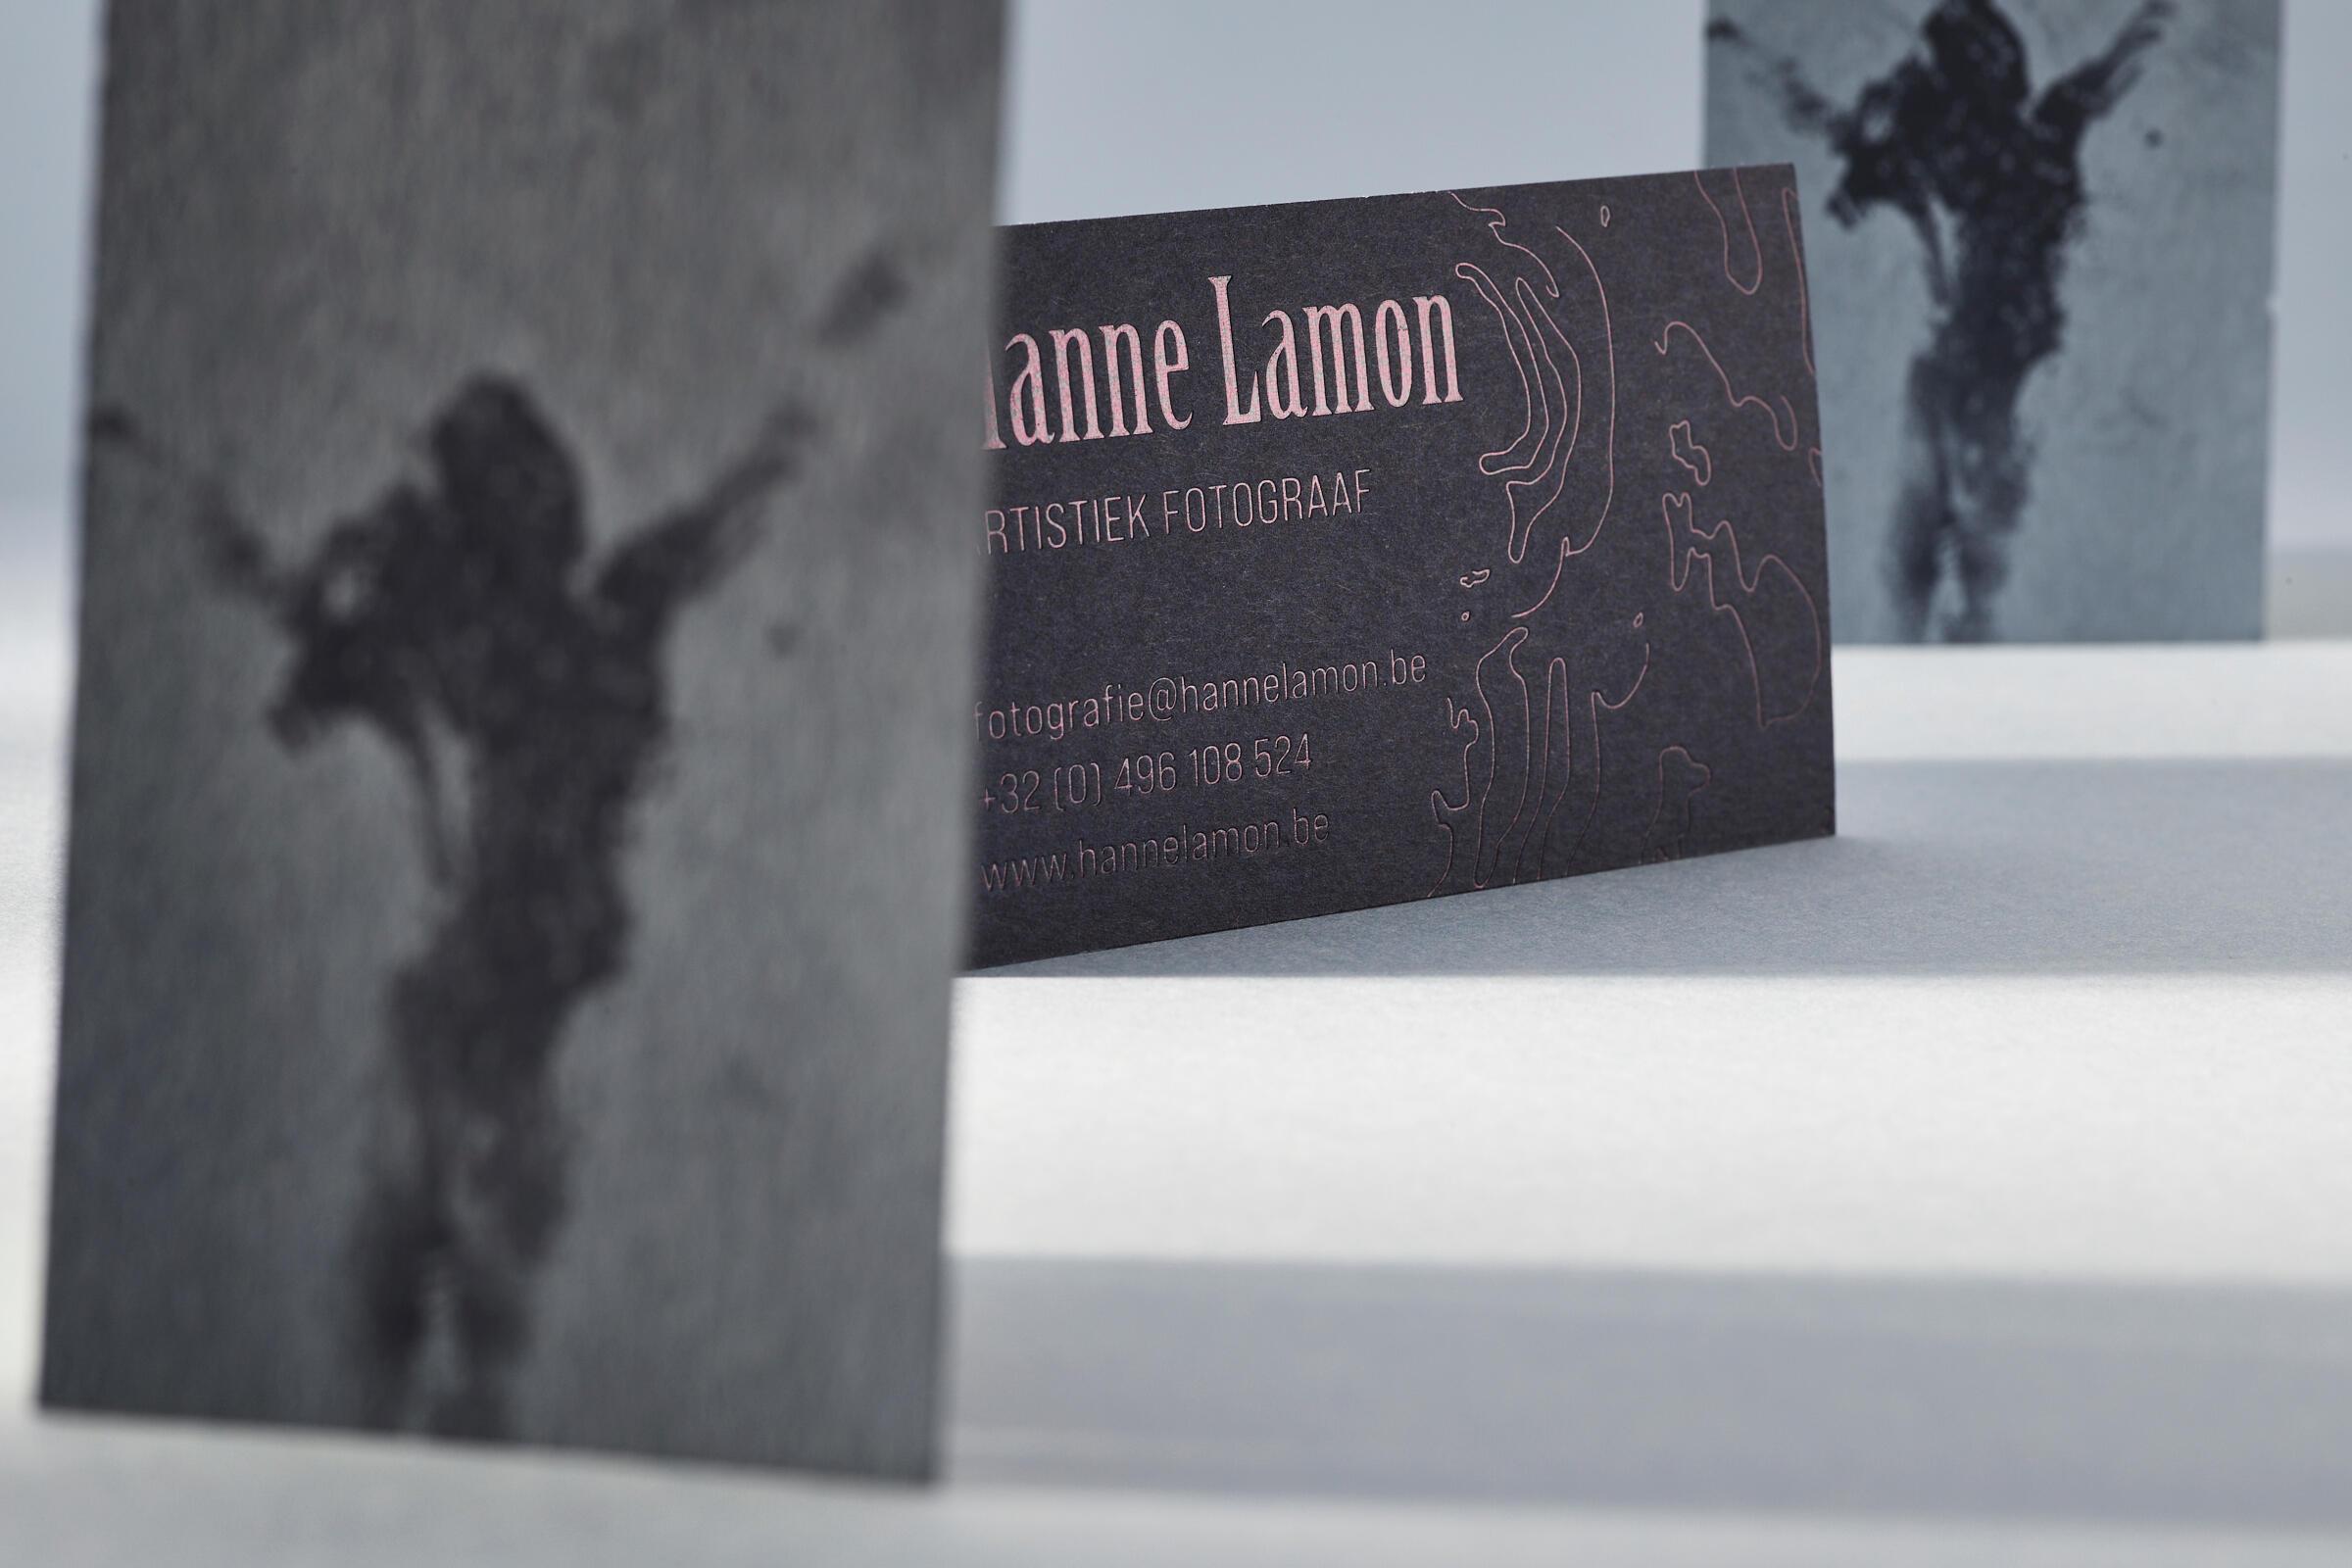 Luxe naamkaarten voor Hanne Lamon